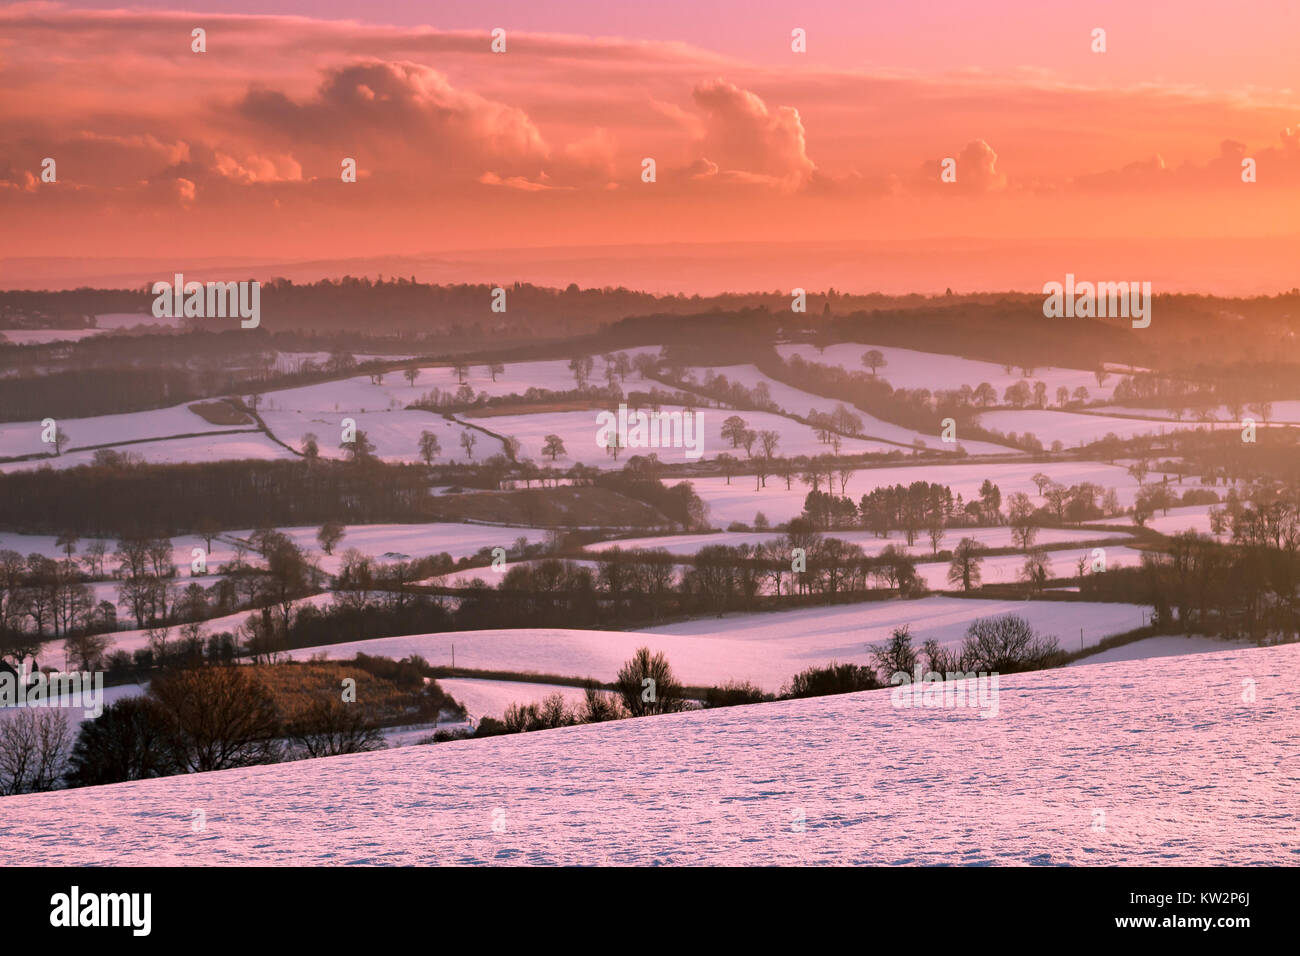 Llanuras del Norte en invierno. Foto de stock